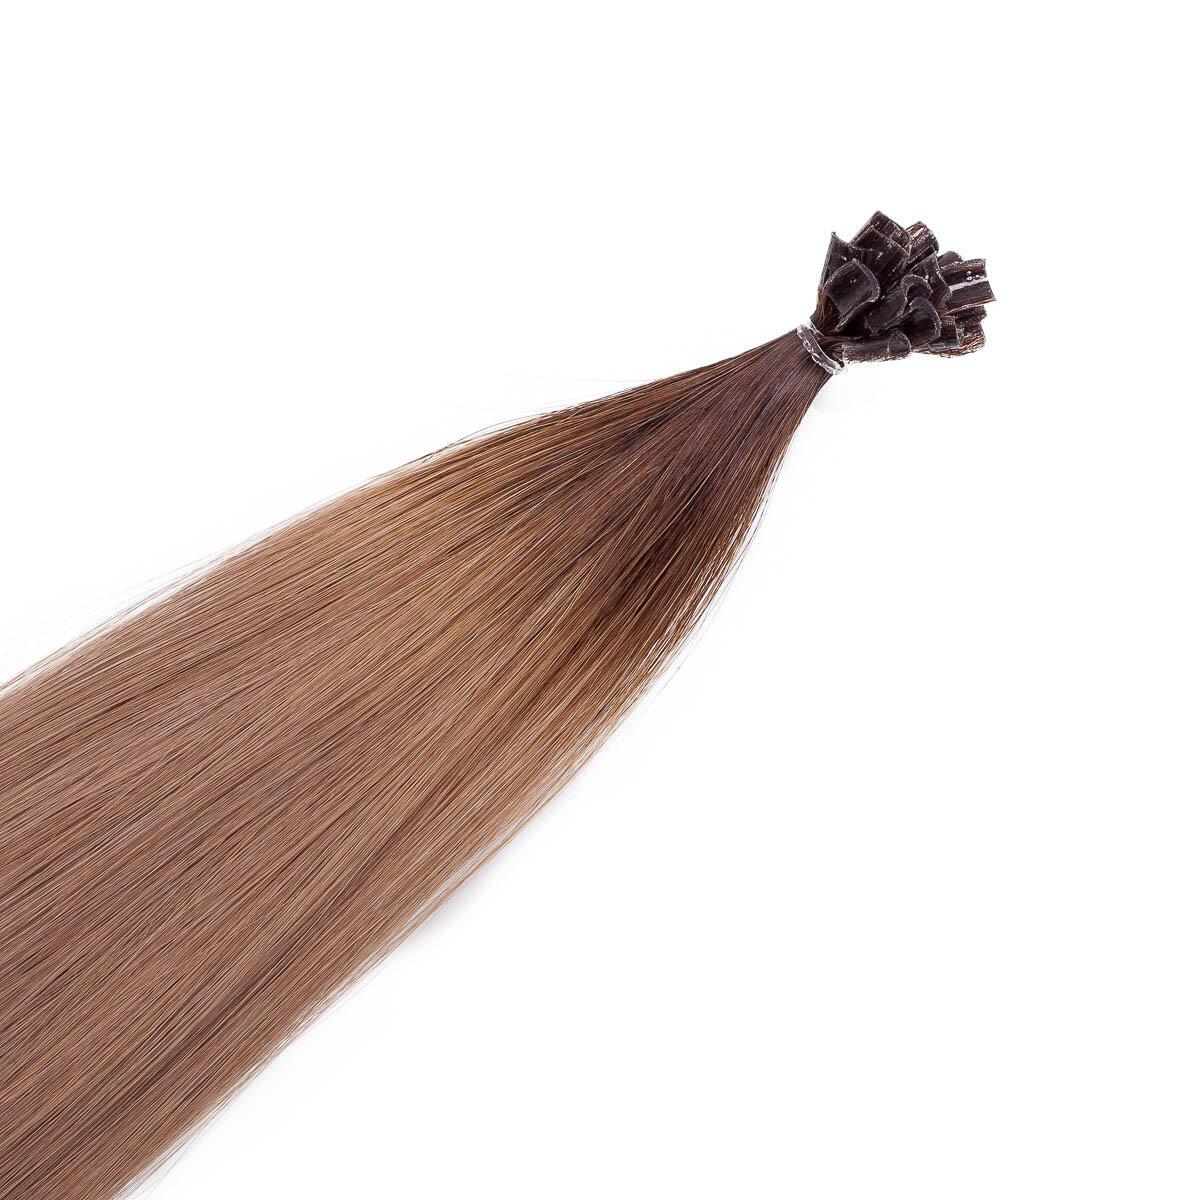 Nail Hair Original R2.2/7.3 Brown Ash Root 50 cm